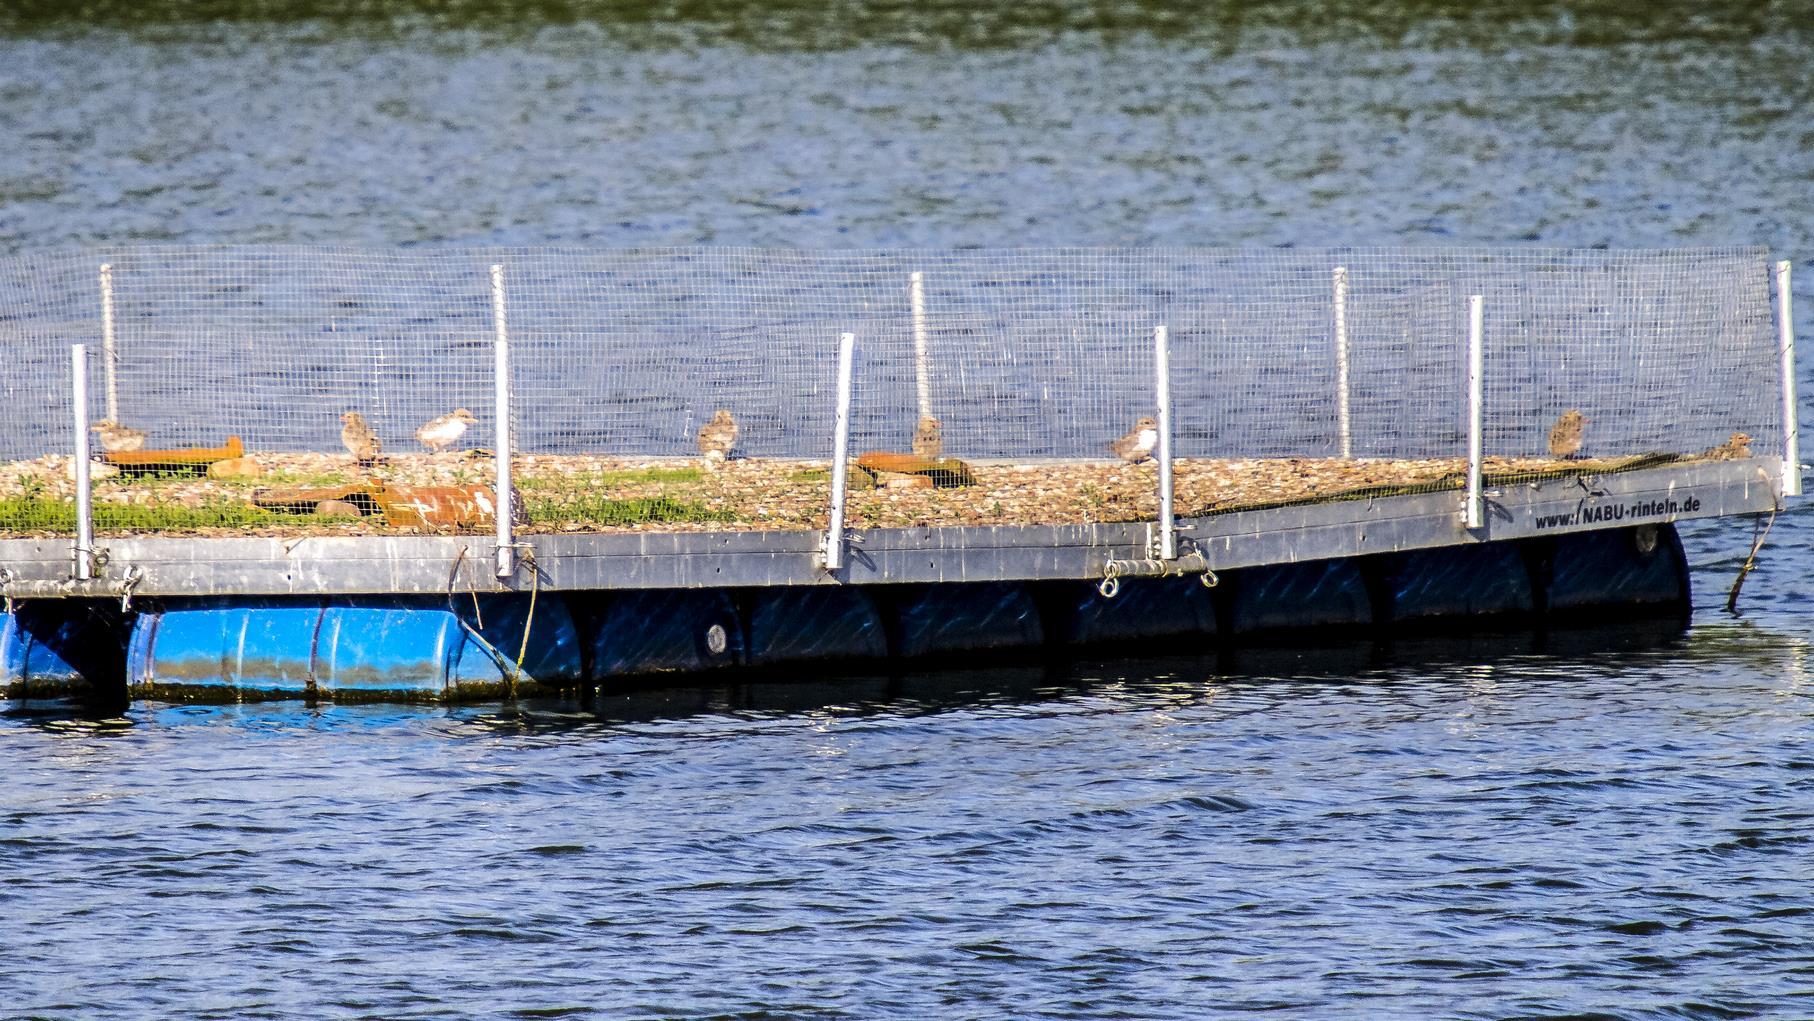 Auf den Flussseeschwalbenflößen sind die Küken bereits gut zu erkennen.